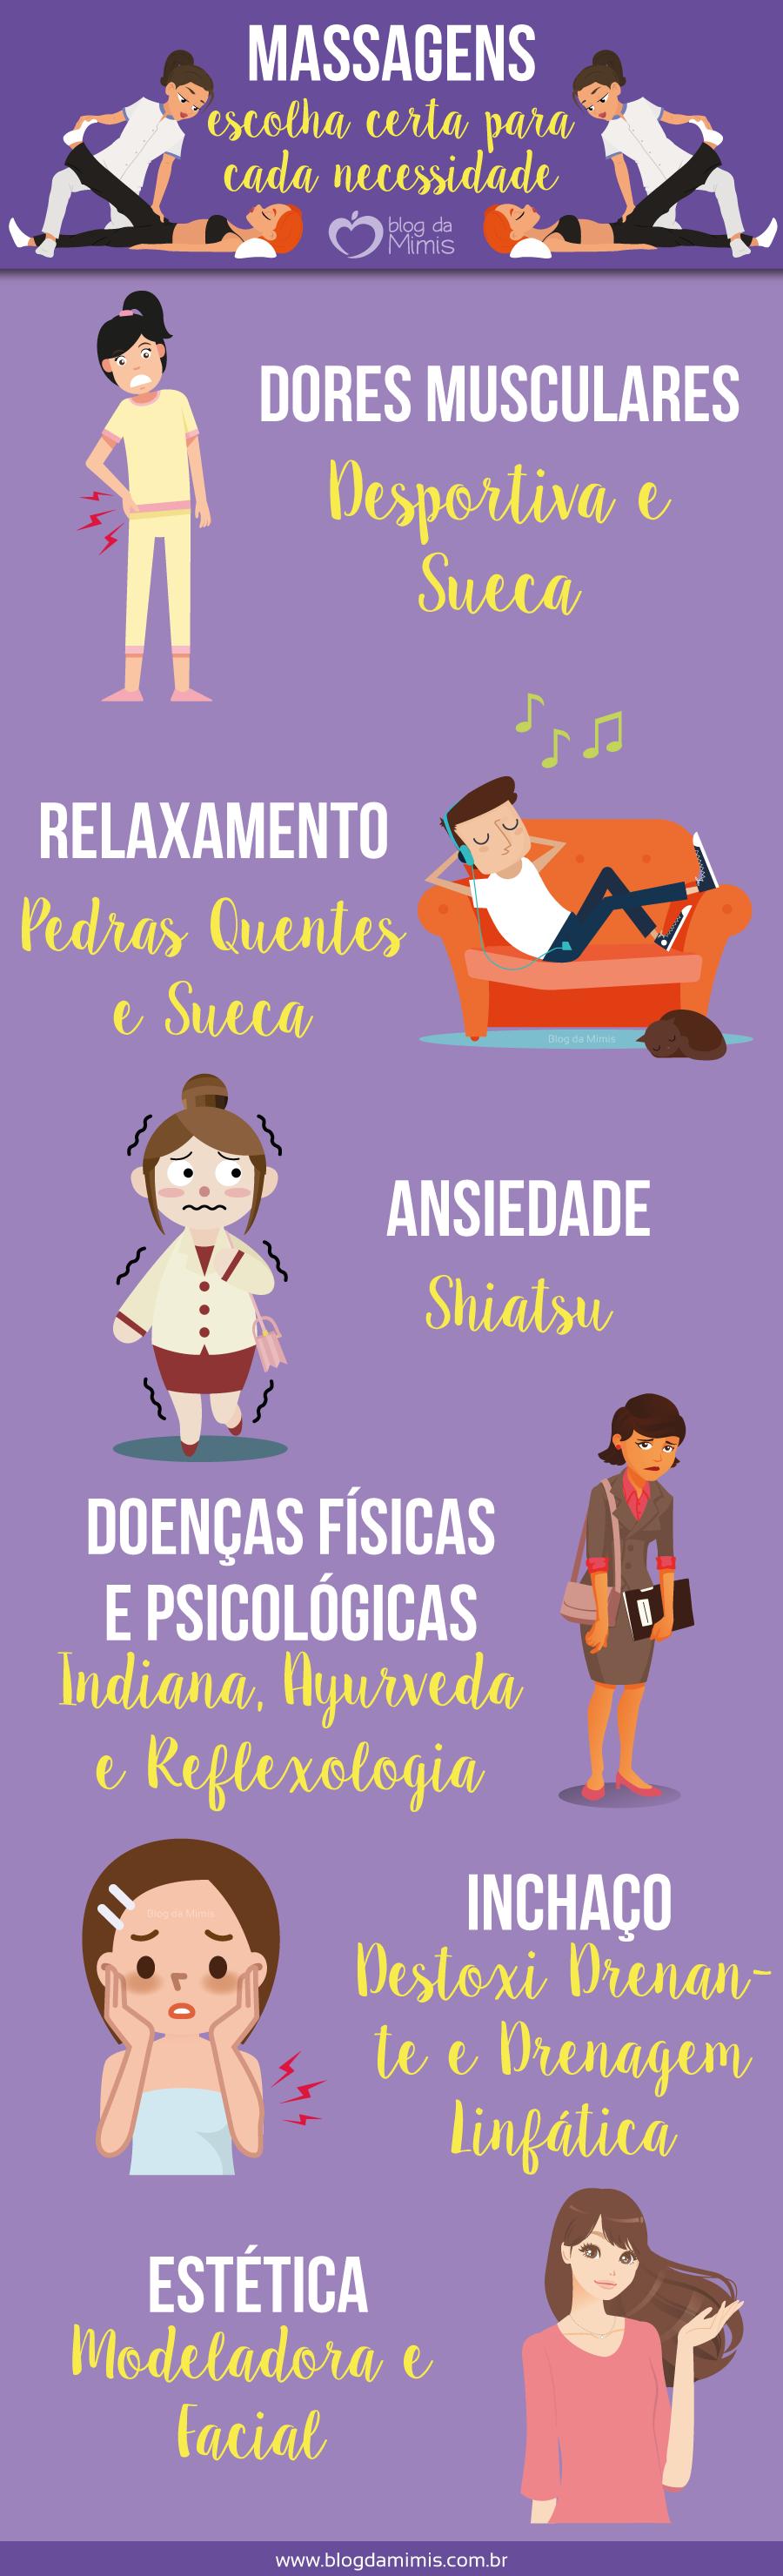 massagens-blog-da-mimis-michelle-franzoni-post